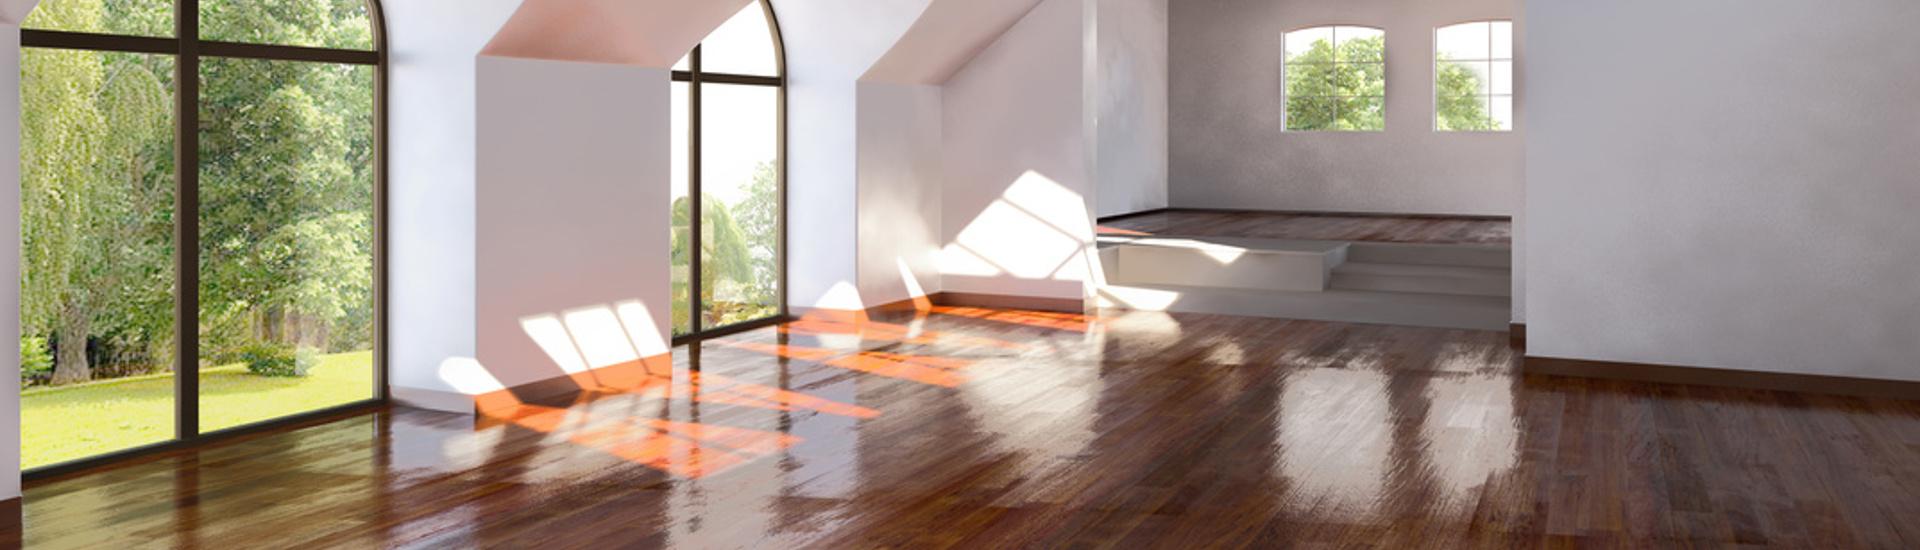 impressum k mhof holz und boden. Black Bedroom Furniture Sets. Home Design Ideas